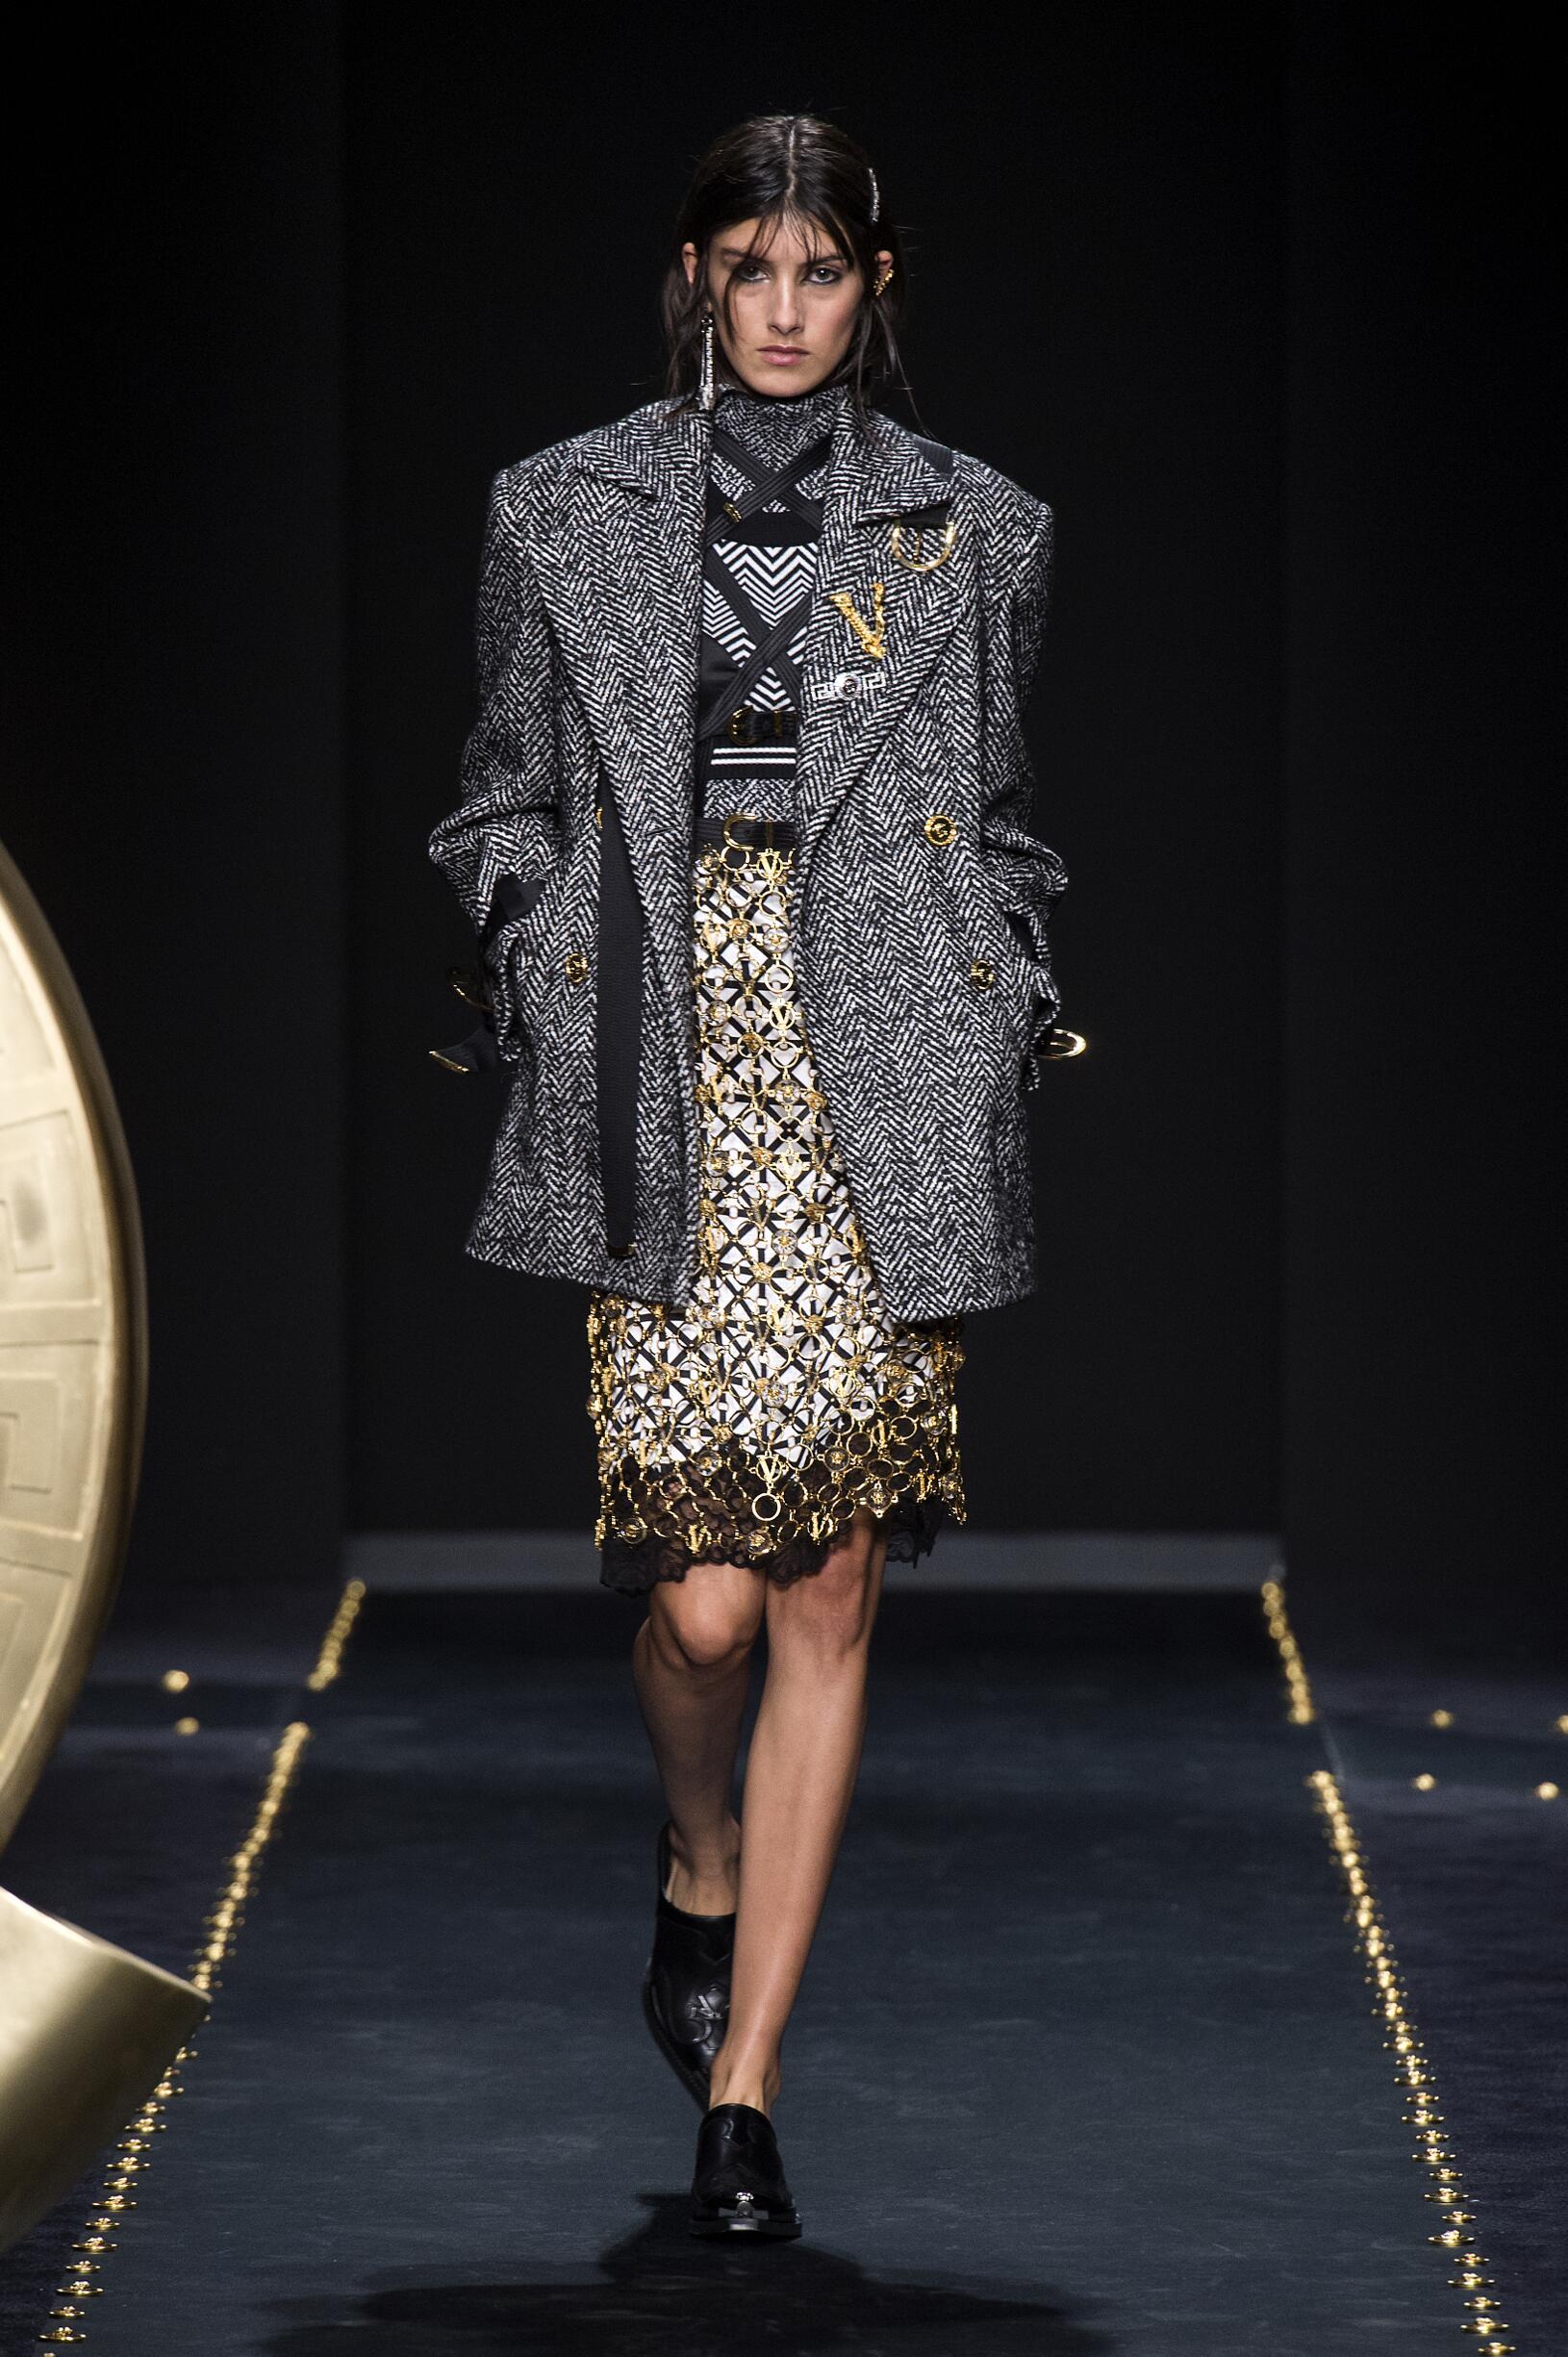 Versace FW 2019 Womenswear